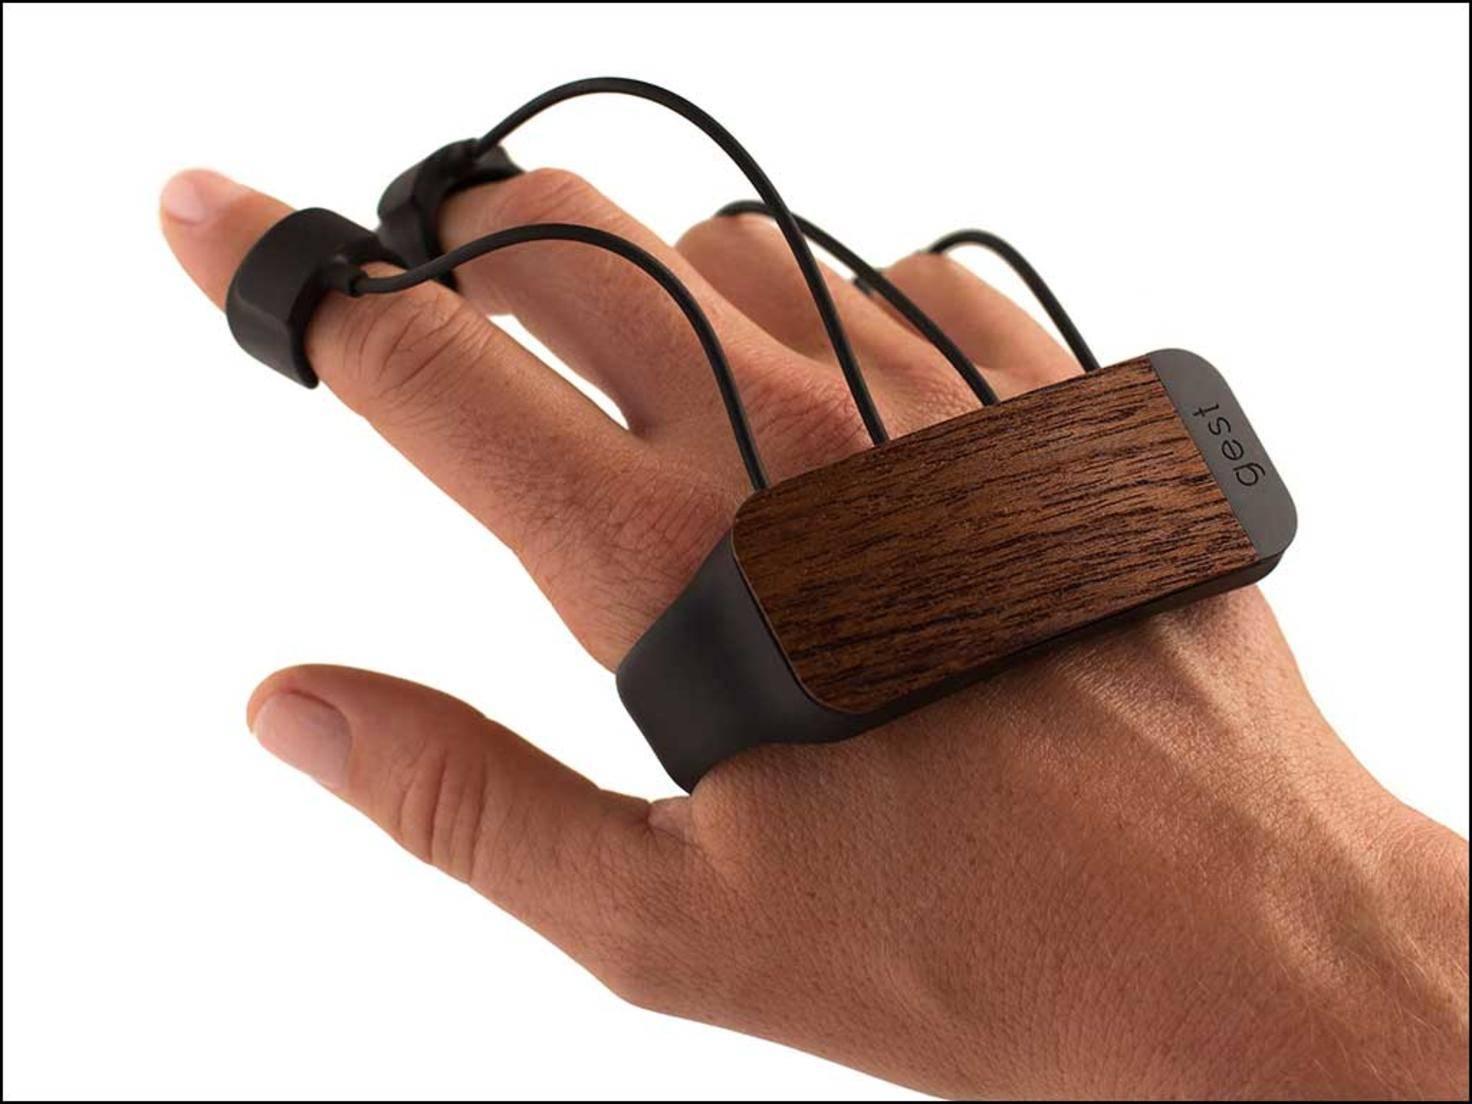 Kickstarter: Gestensteuerung mit Gest